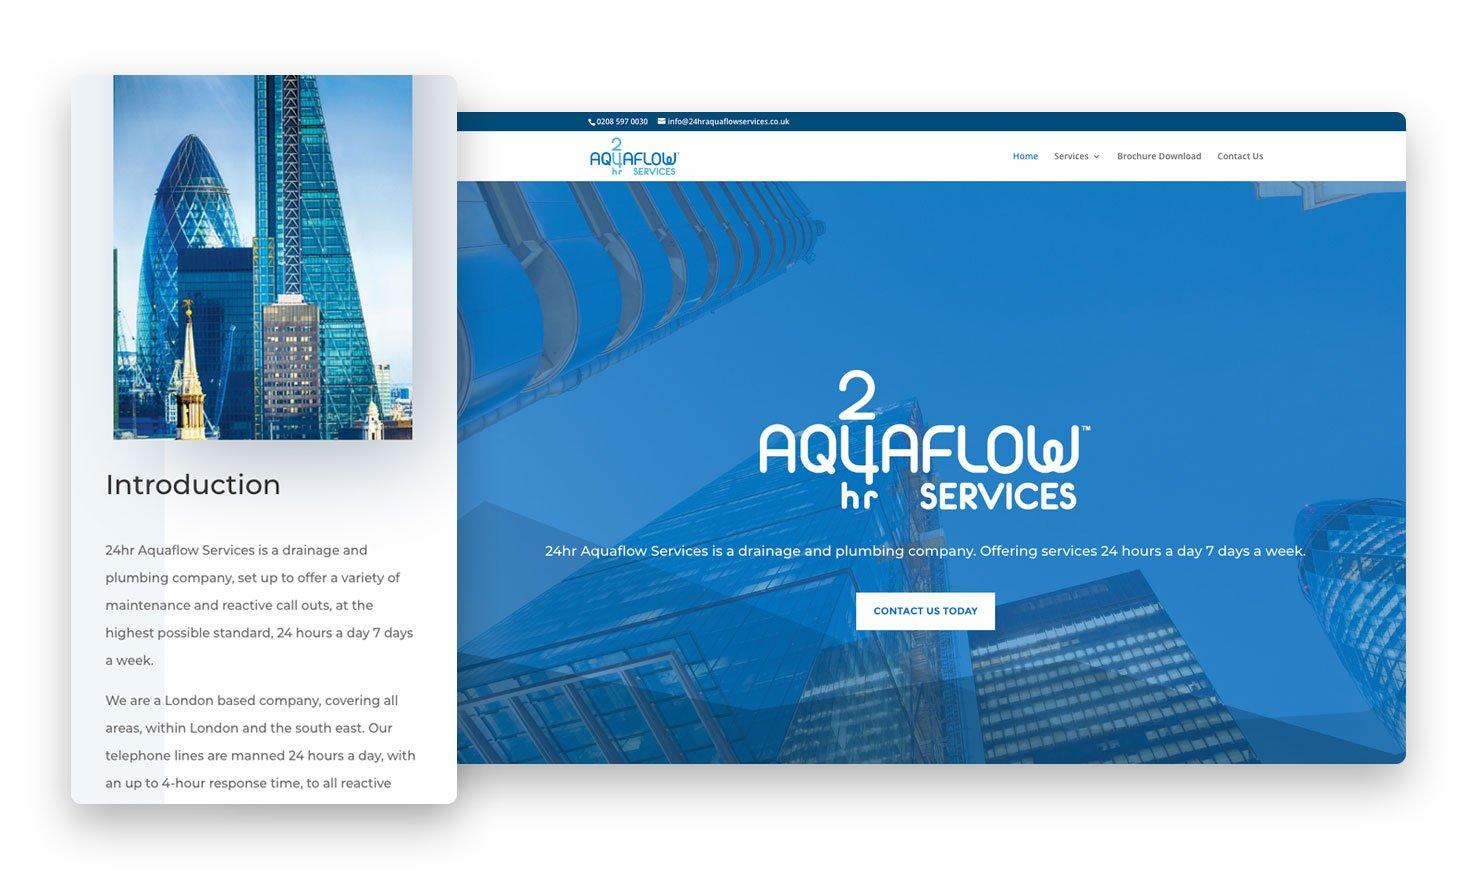 24 hour Aquaflow services